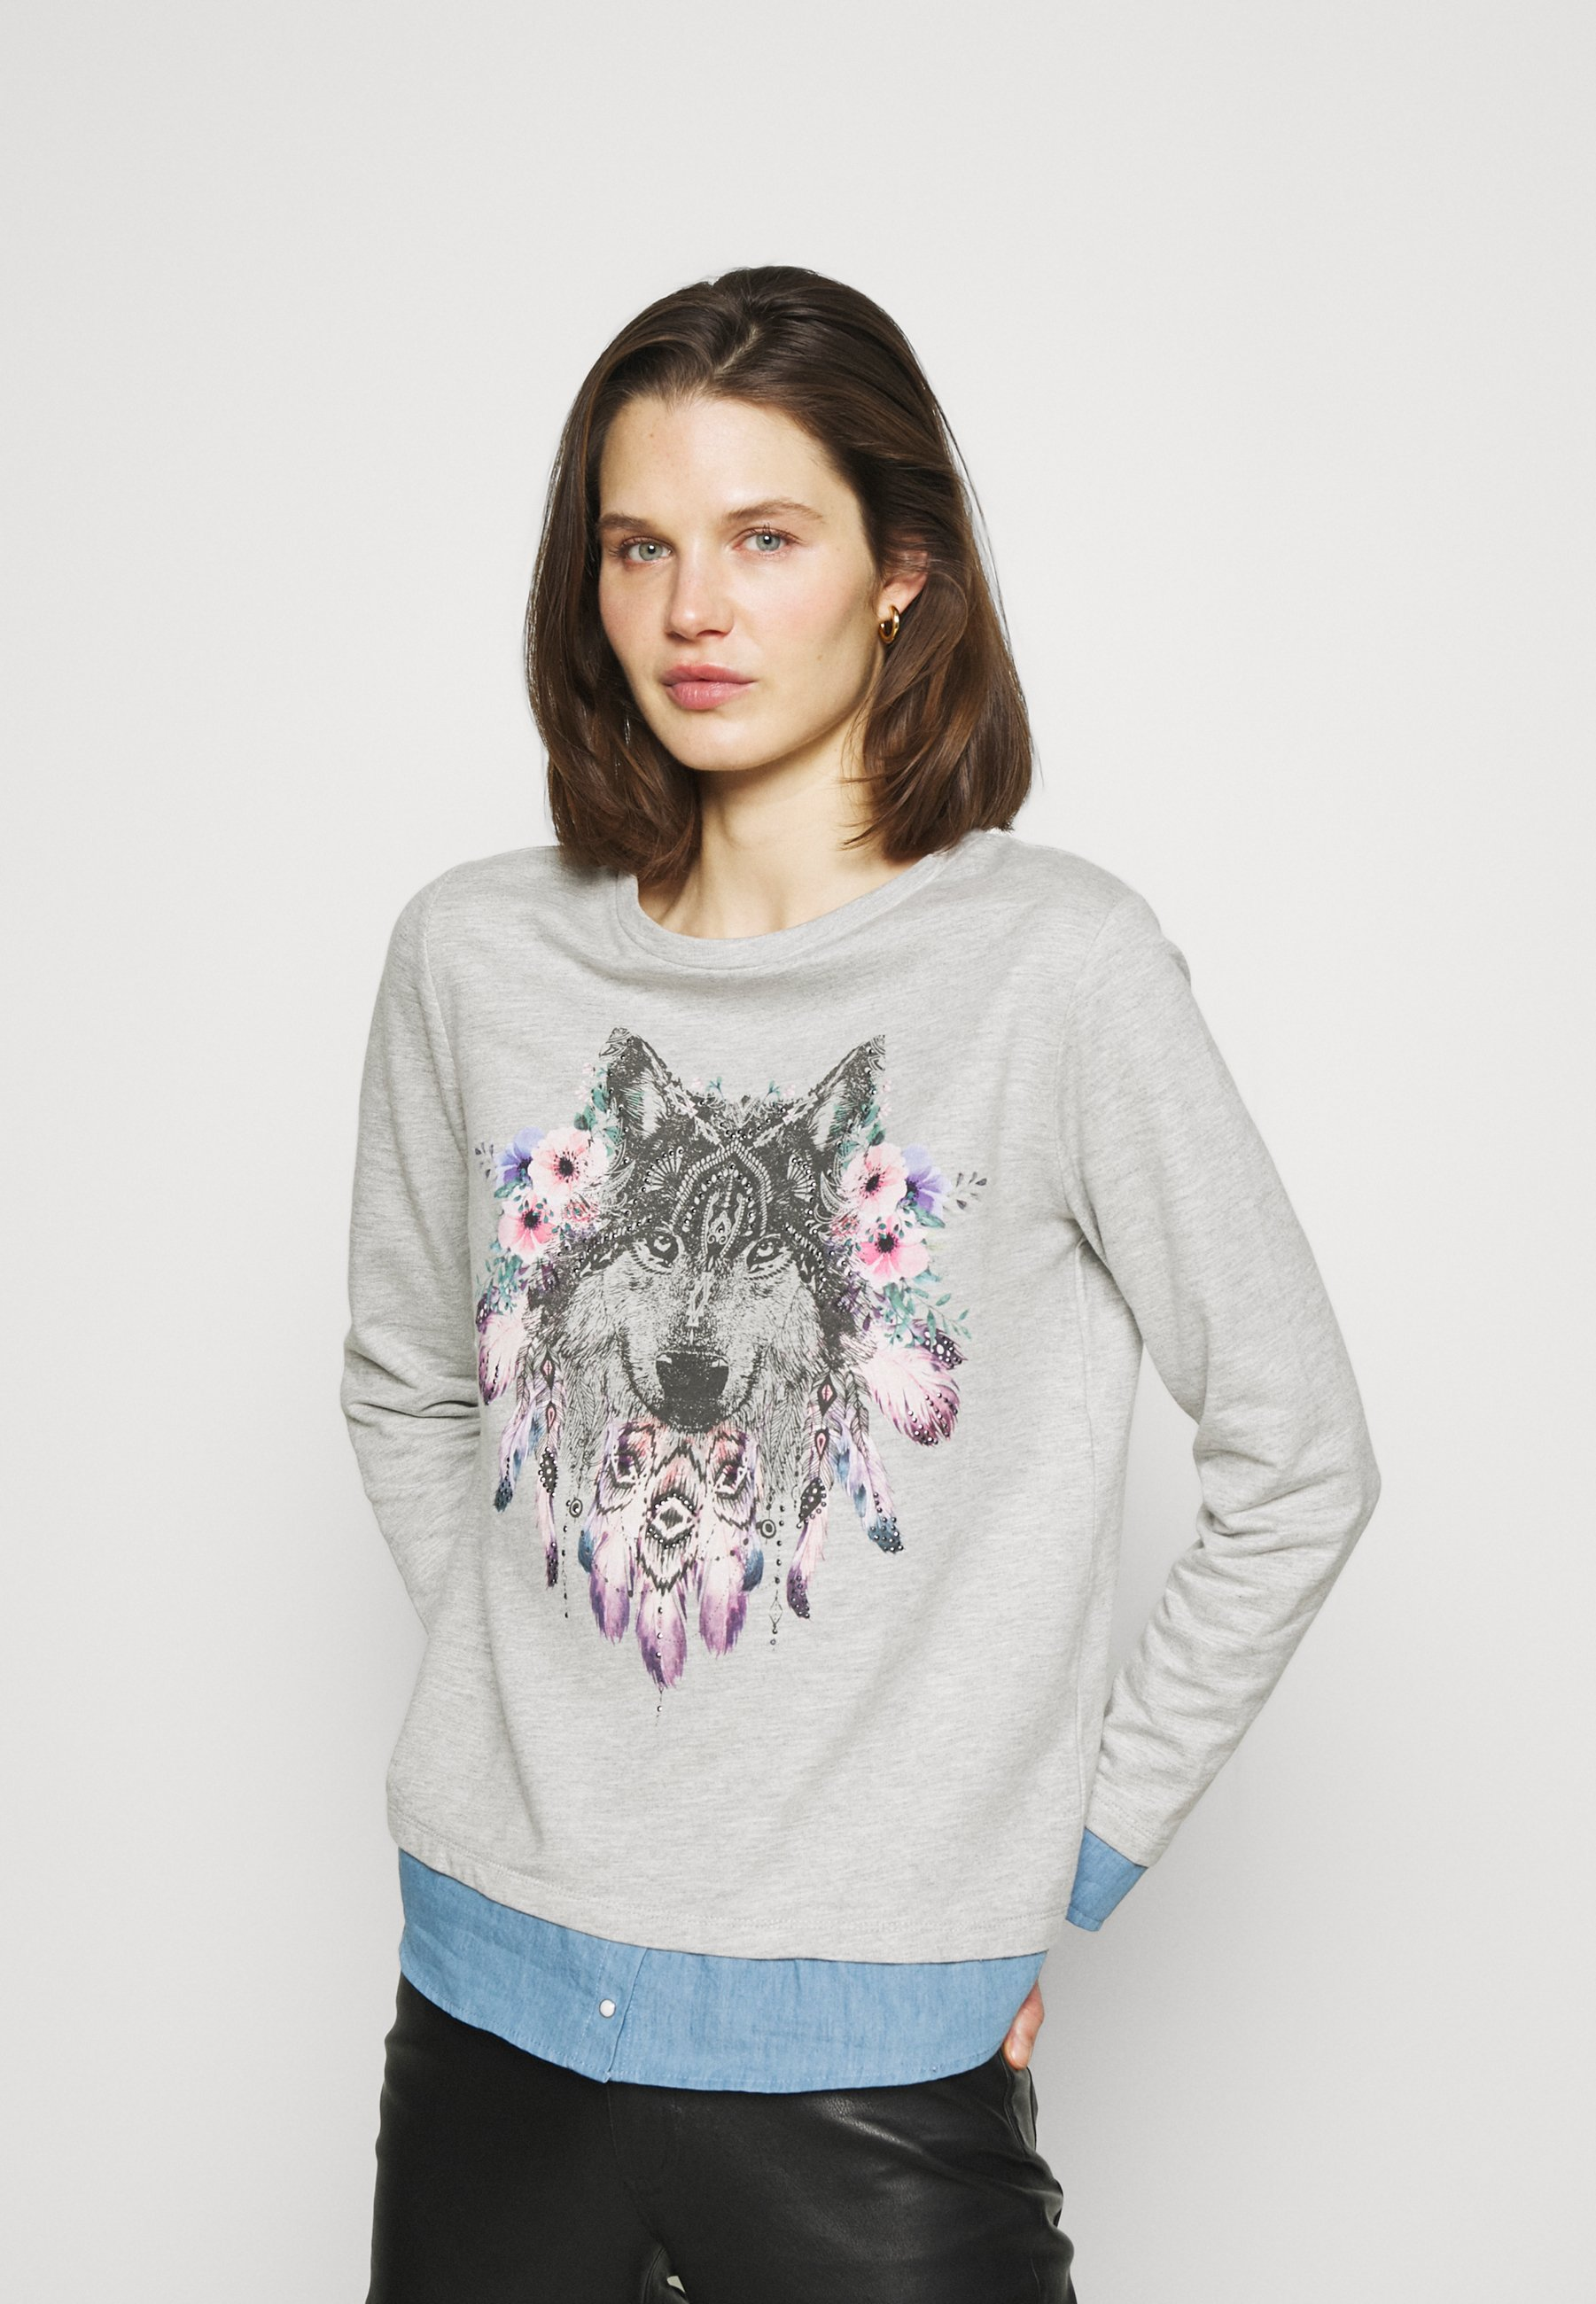 Women PLUMAS LOBO FALDON - Sweatshirt